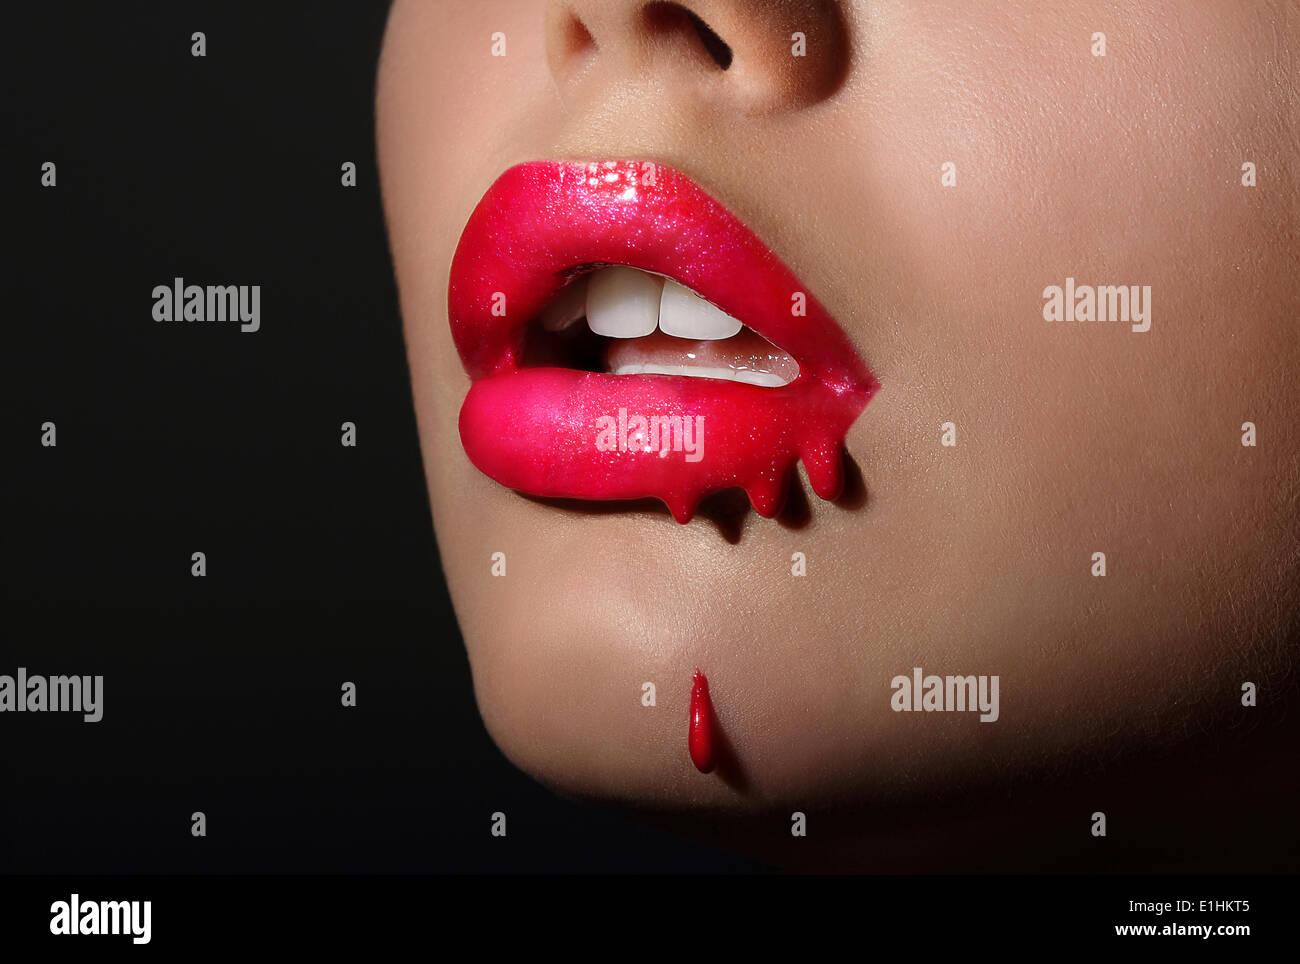 Splash. Mujer de labios rojos con goteo pintalabios. Creatividad Imagen De Stock